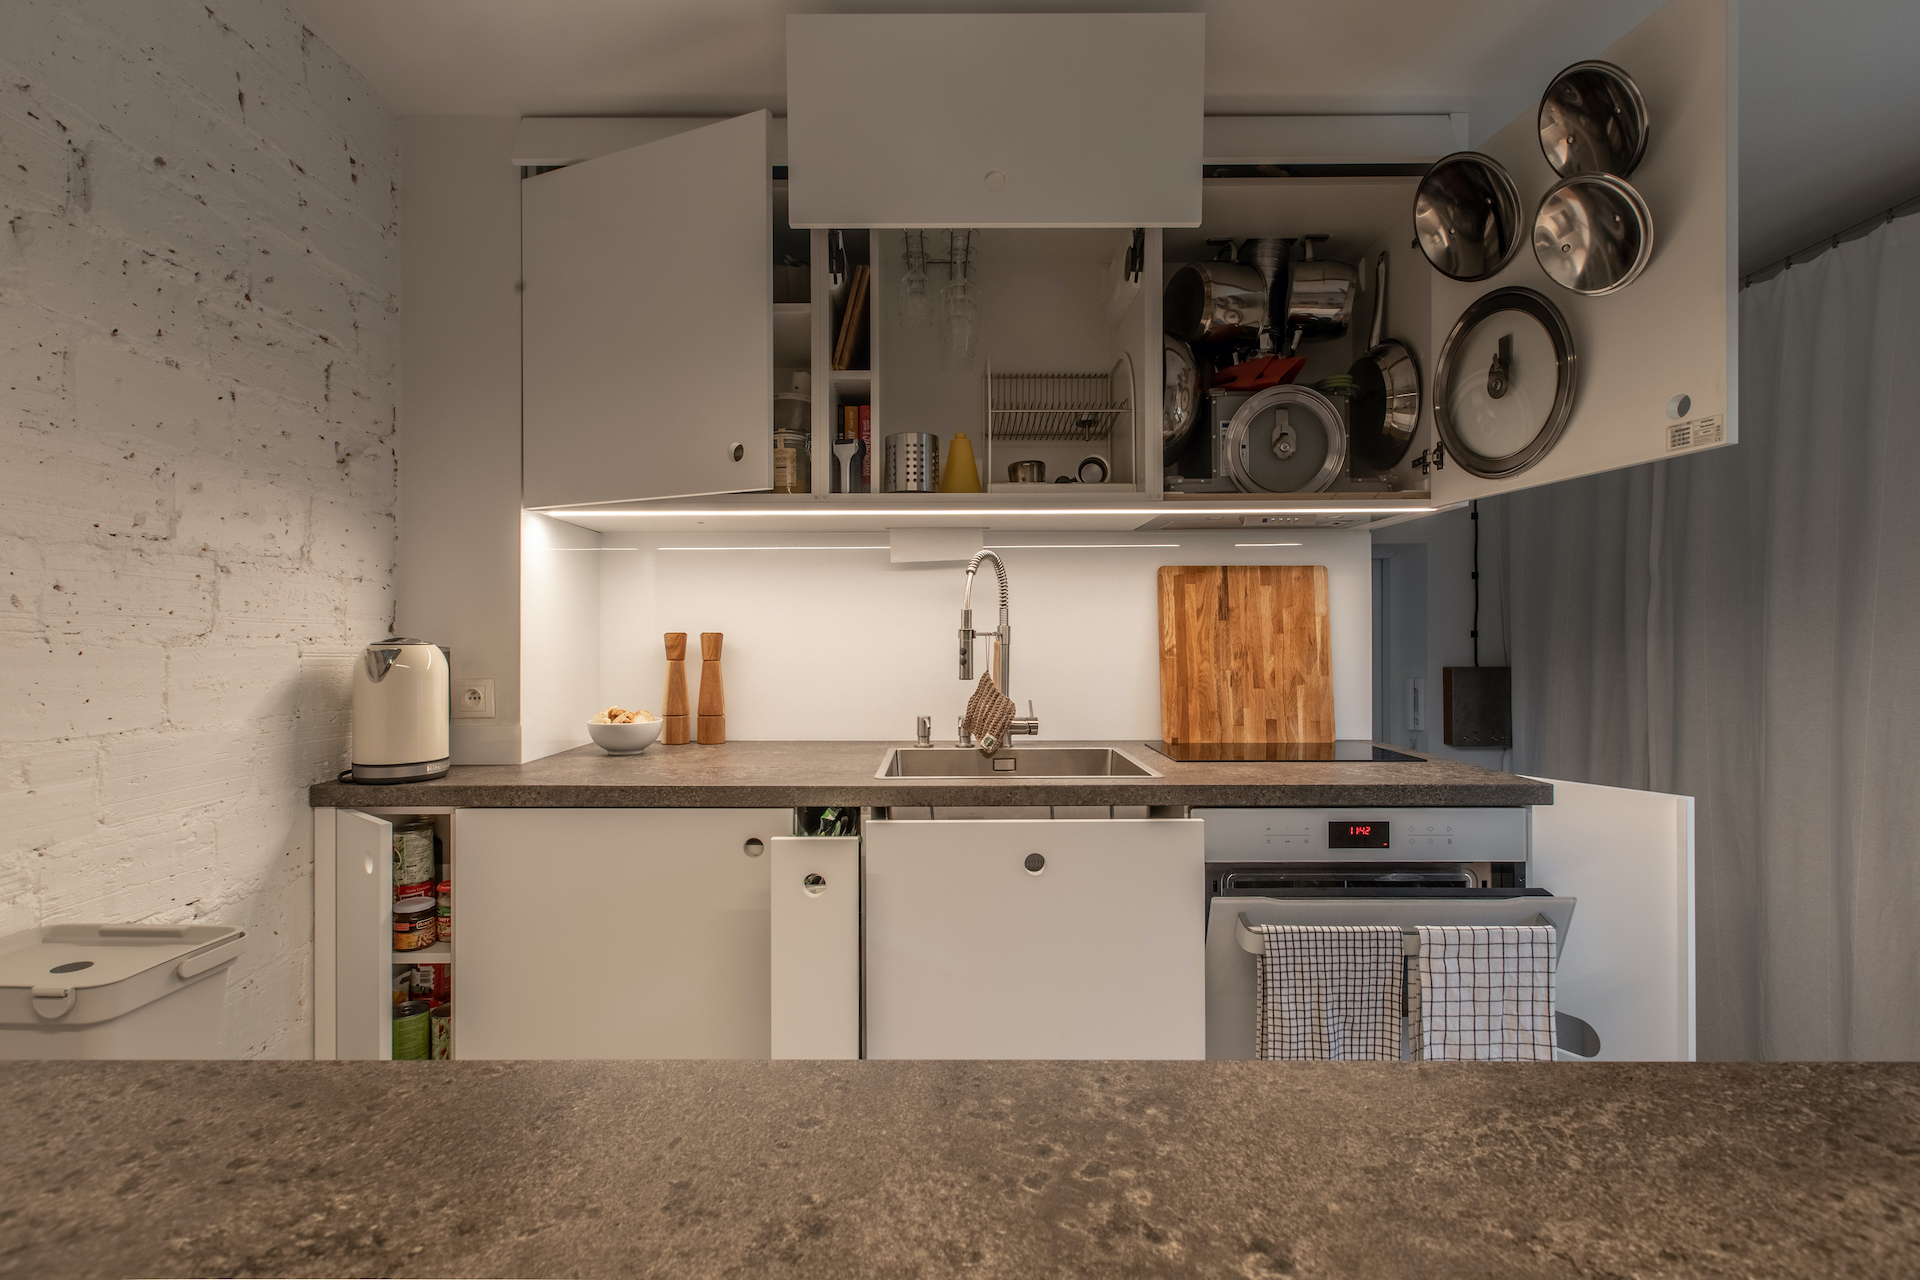 jak urządzić domek letniskowy - organizacja szafek w małej kuchni